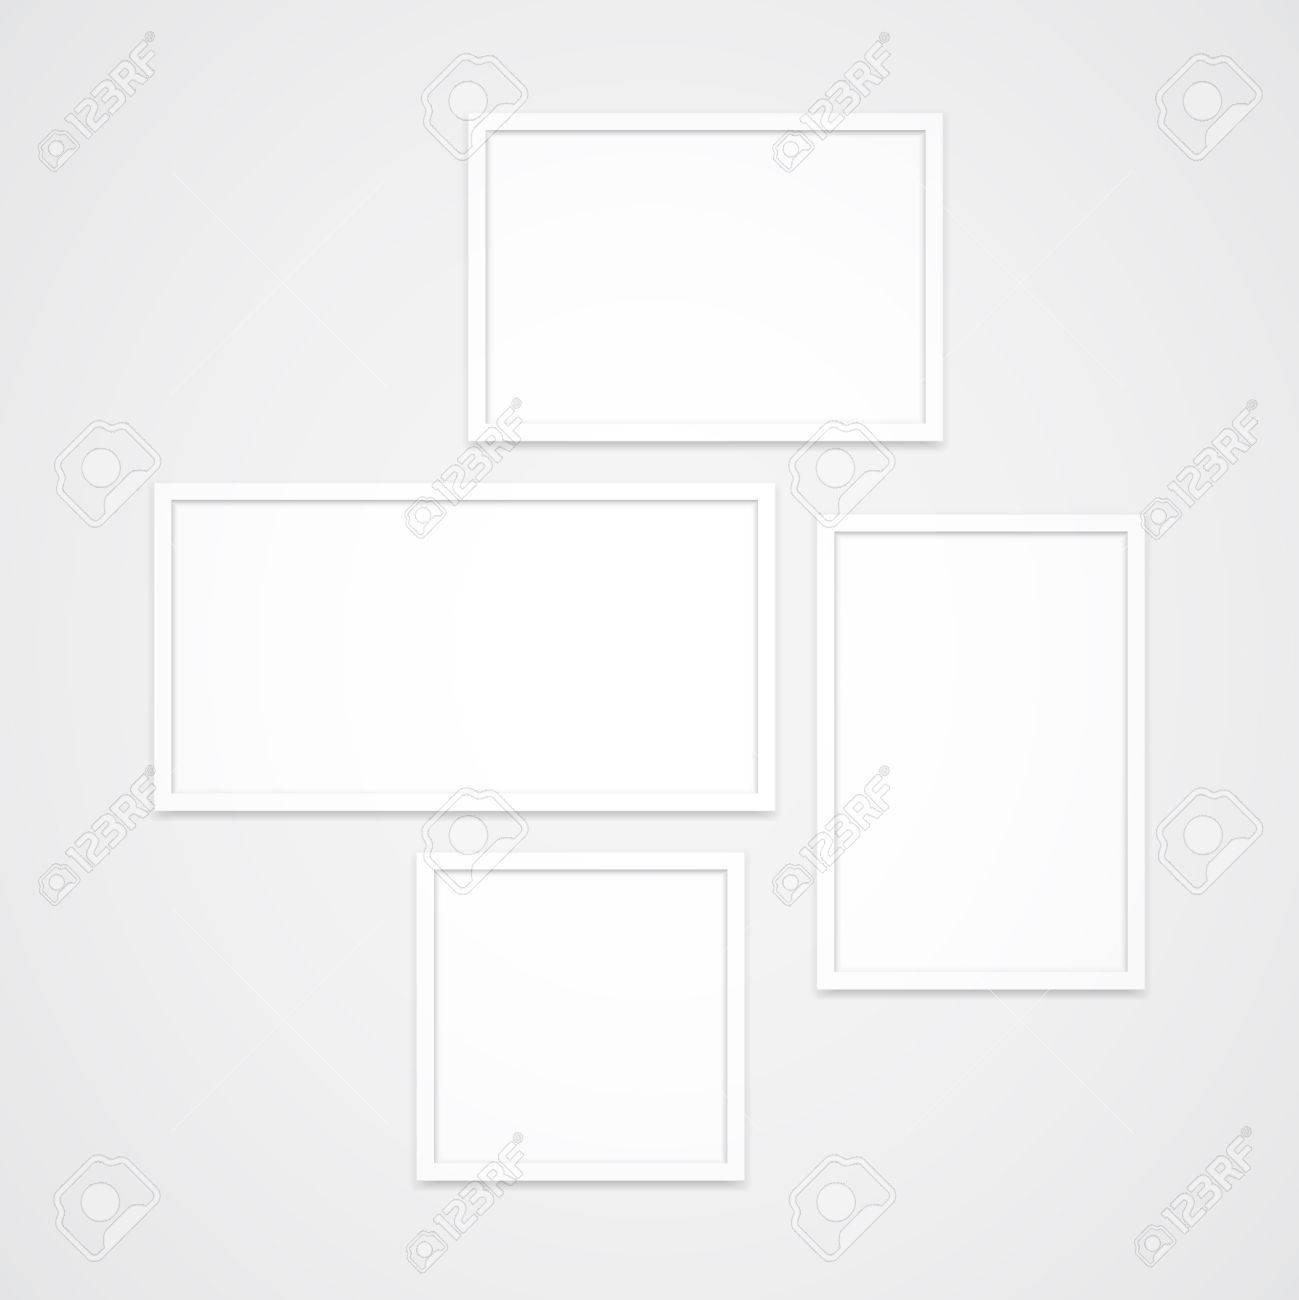 Satz Von Hoher Qualität Sauberen Weißen Vektor-Fotorahmen. Vier ...